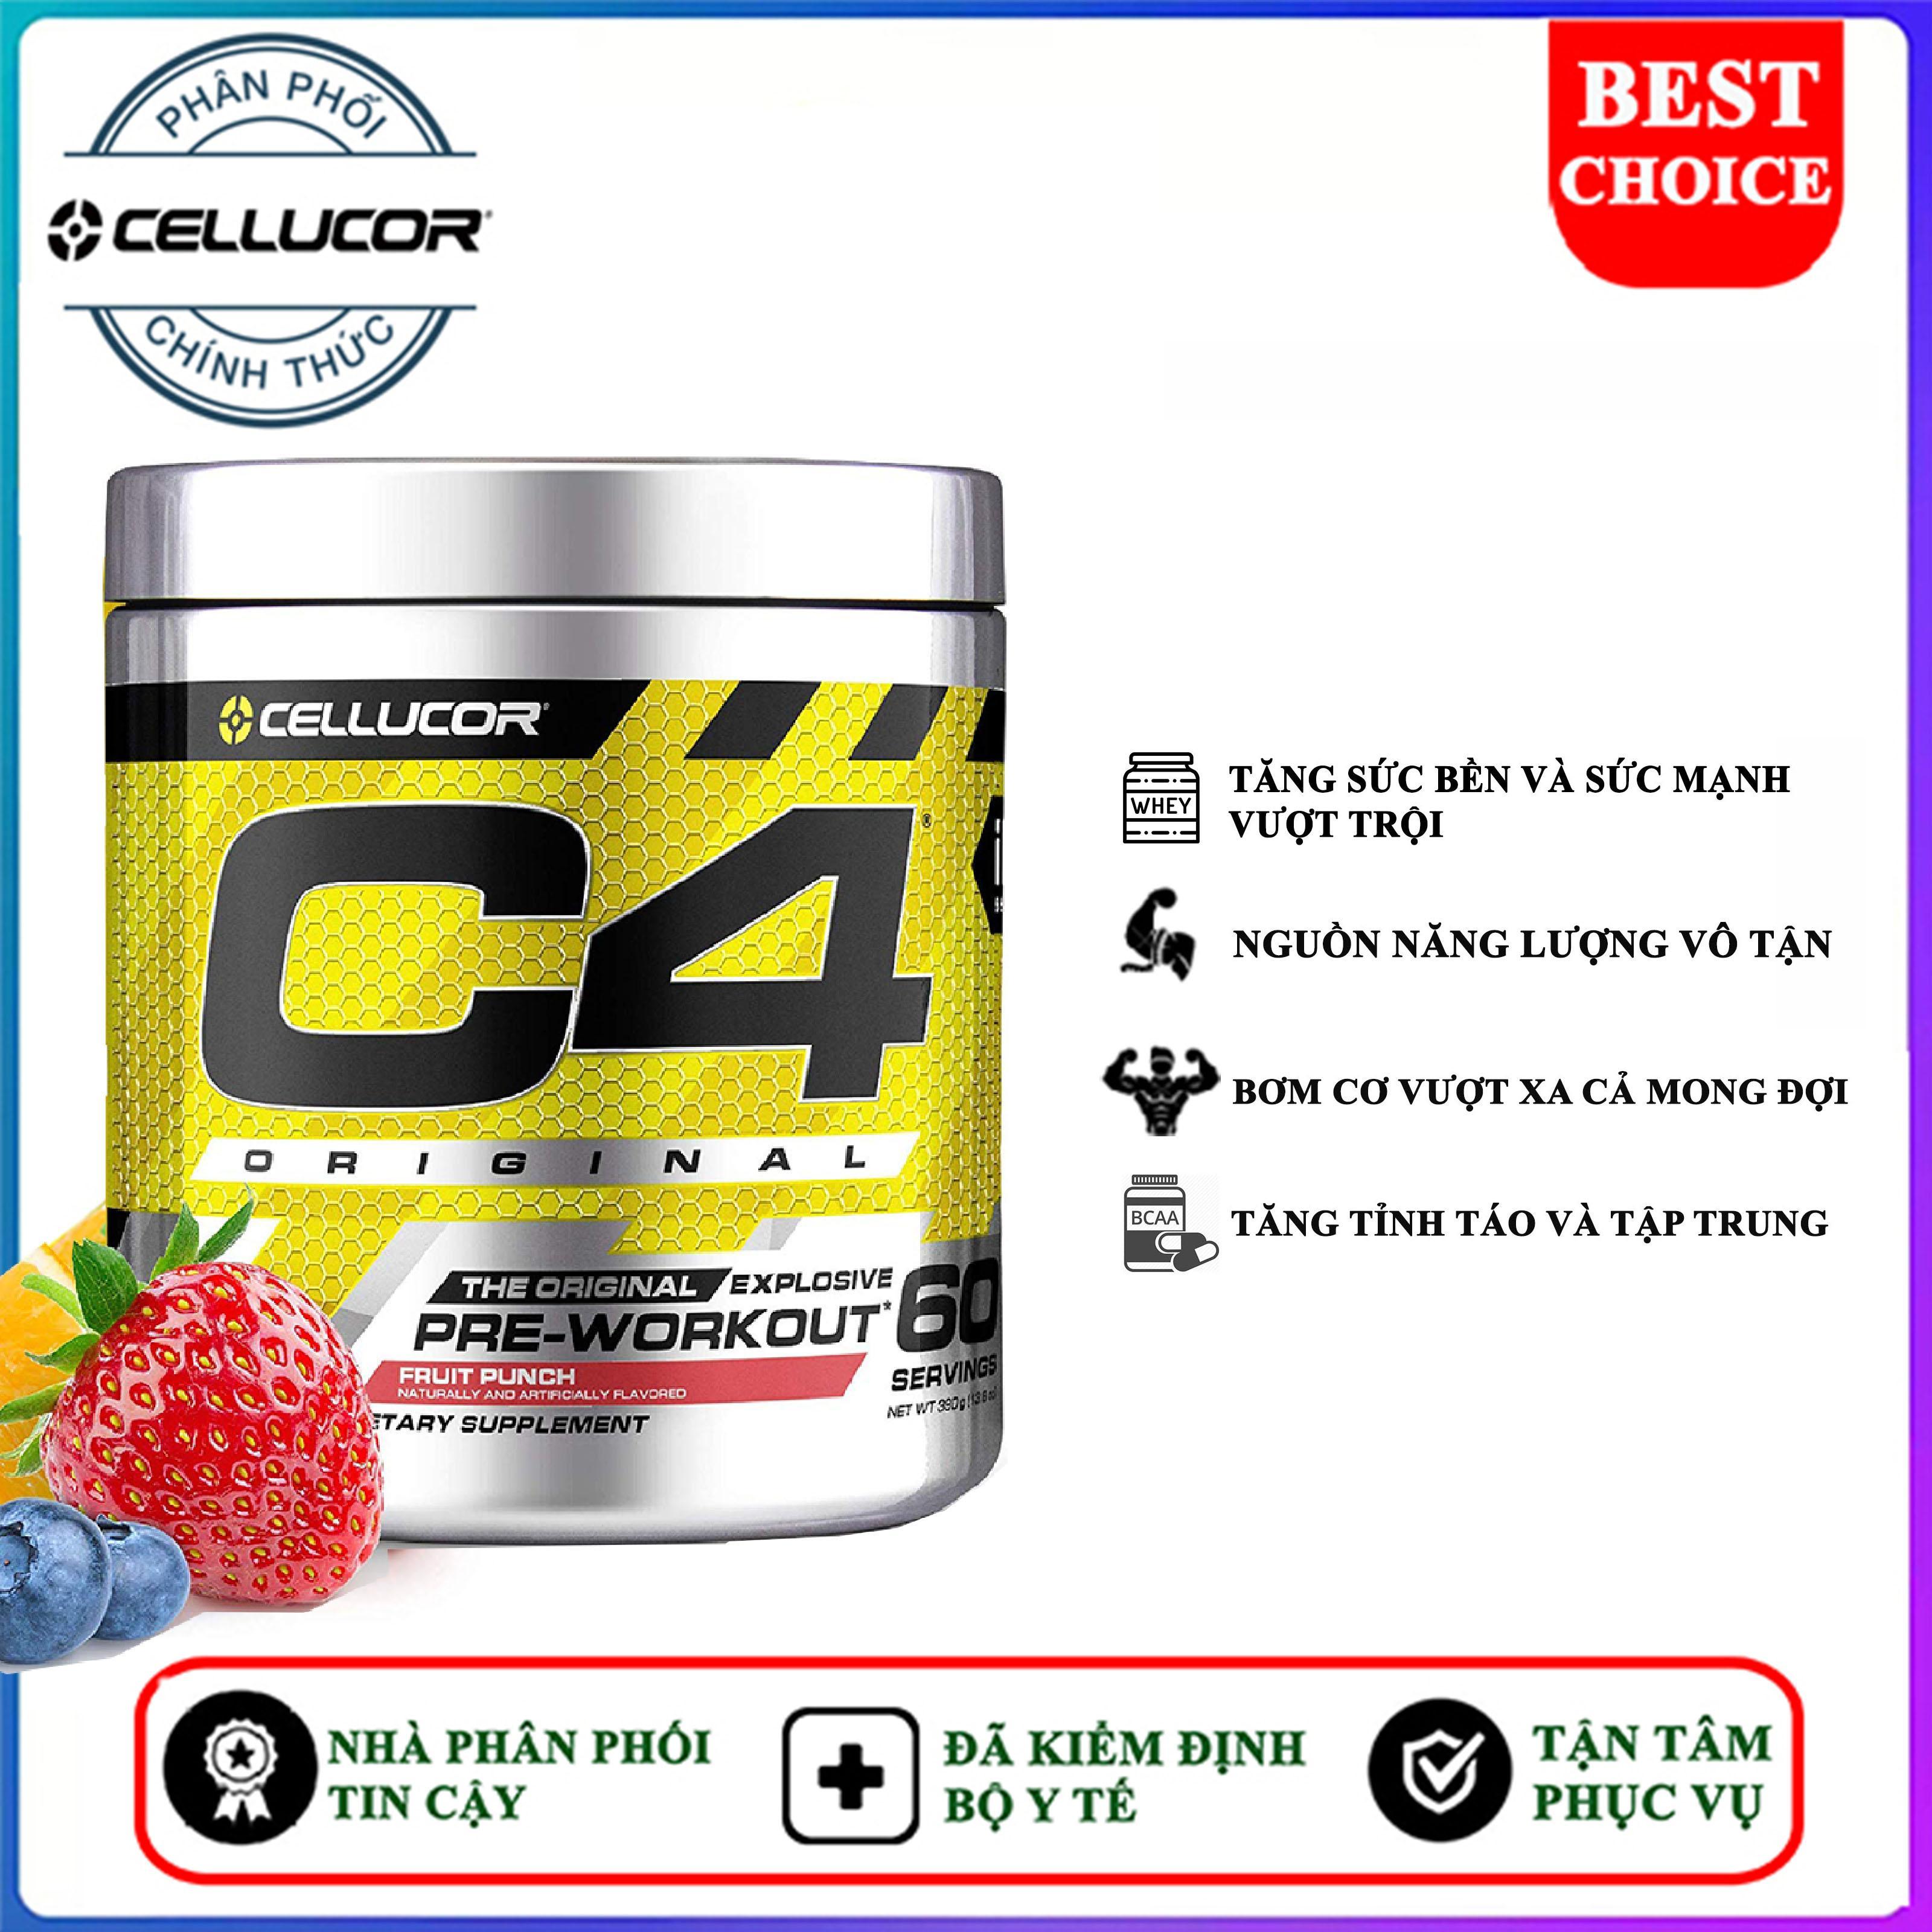 Pre Workout tăng sức mạnh C4 Original của Cellucor hỗ trợ tăng sức bền, sức mạnh vượt trội, bơm cơ tối đa, kéo dài buổi tập hoàn hảo, tập nặng hơn, khỏe hơn cho người tập gym và chơi thể thao cao cấp